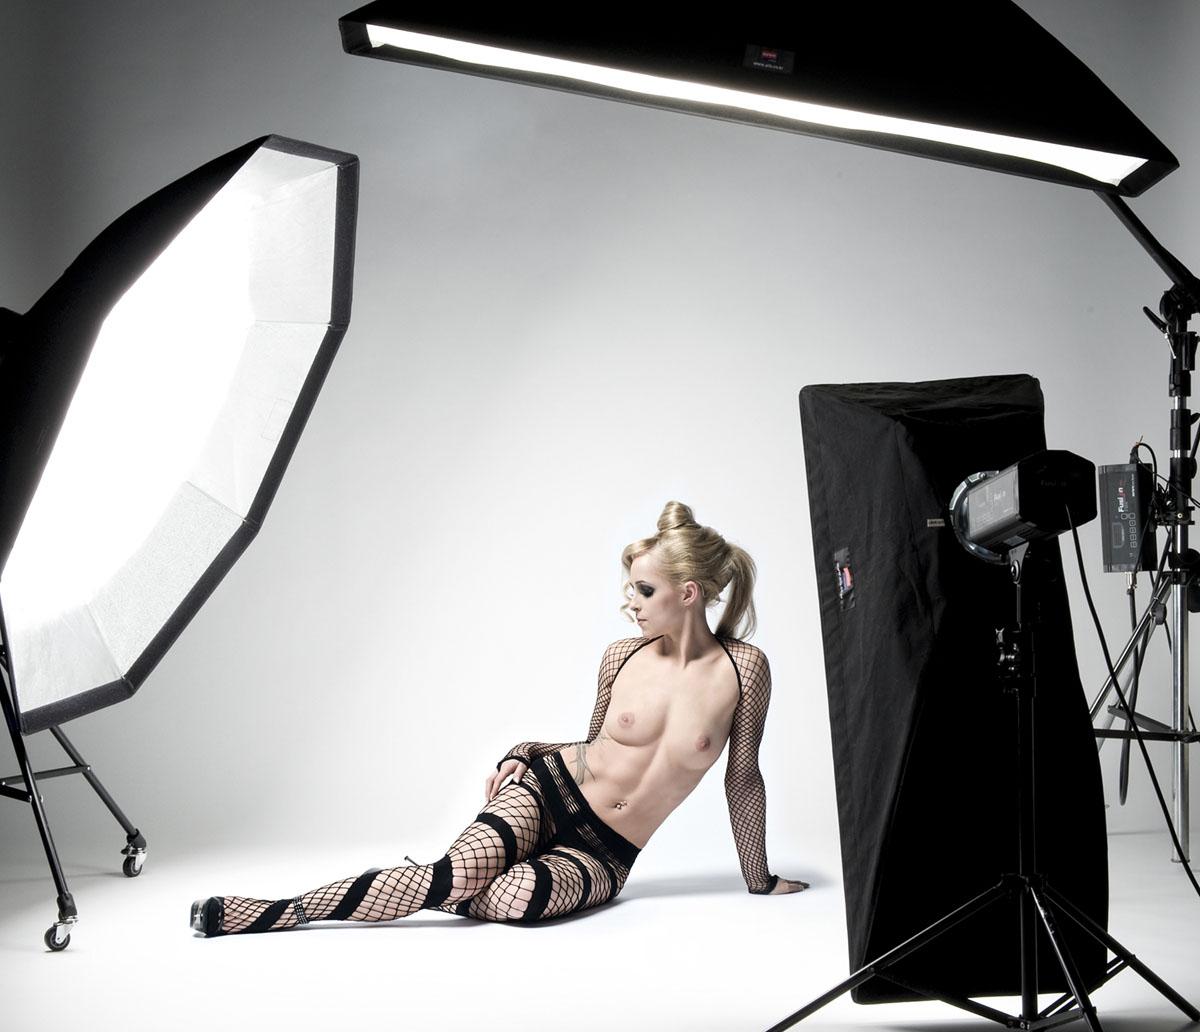 Warum hochwertige Aktfotos vom professionellen Fotografen?